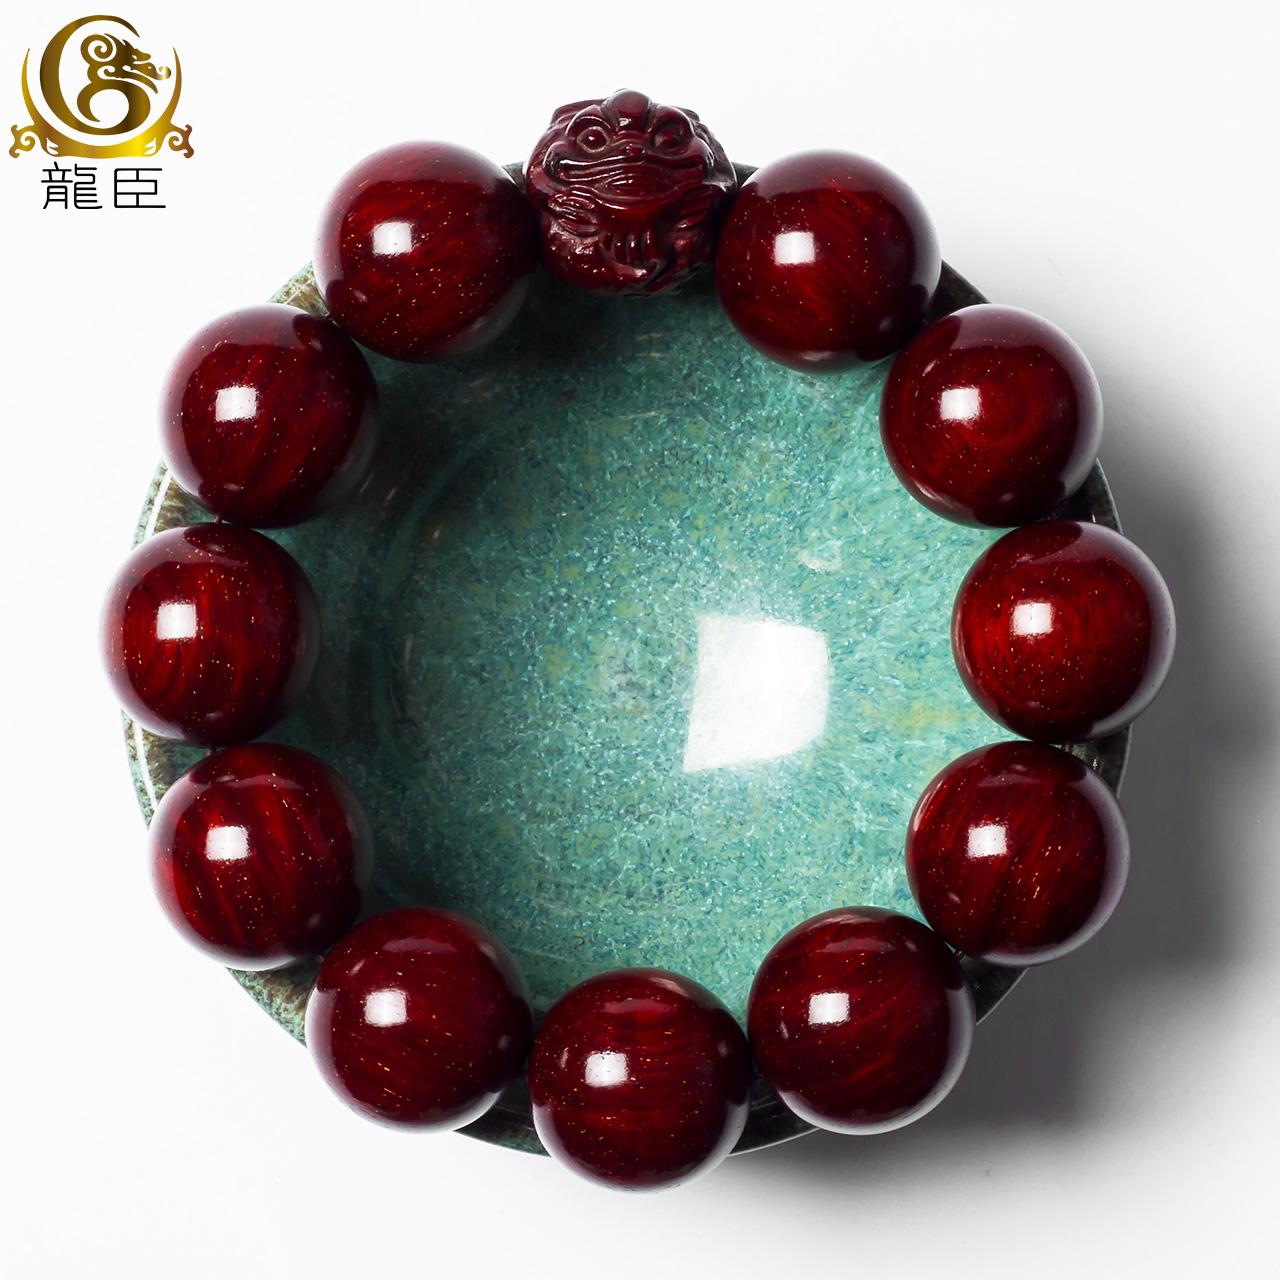 金蟾款小叶紫檀手串男手链佛珠2.0印度檀香檀木红木手珠配饰3元优惠券